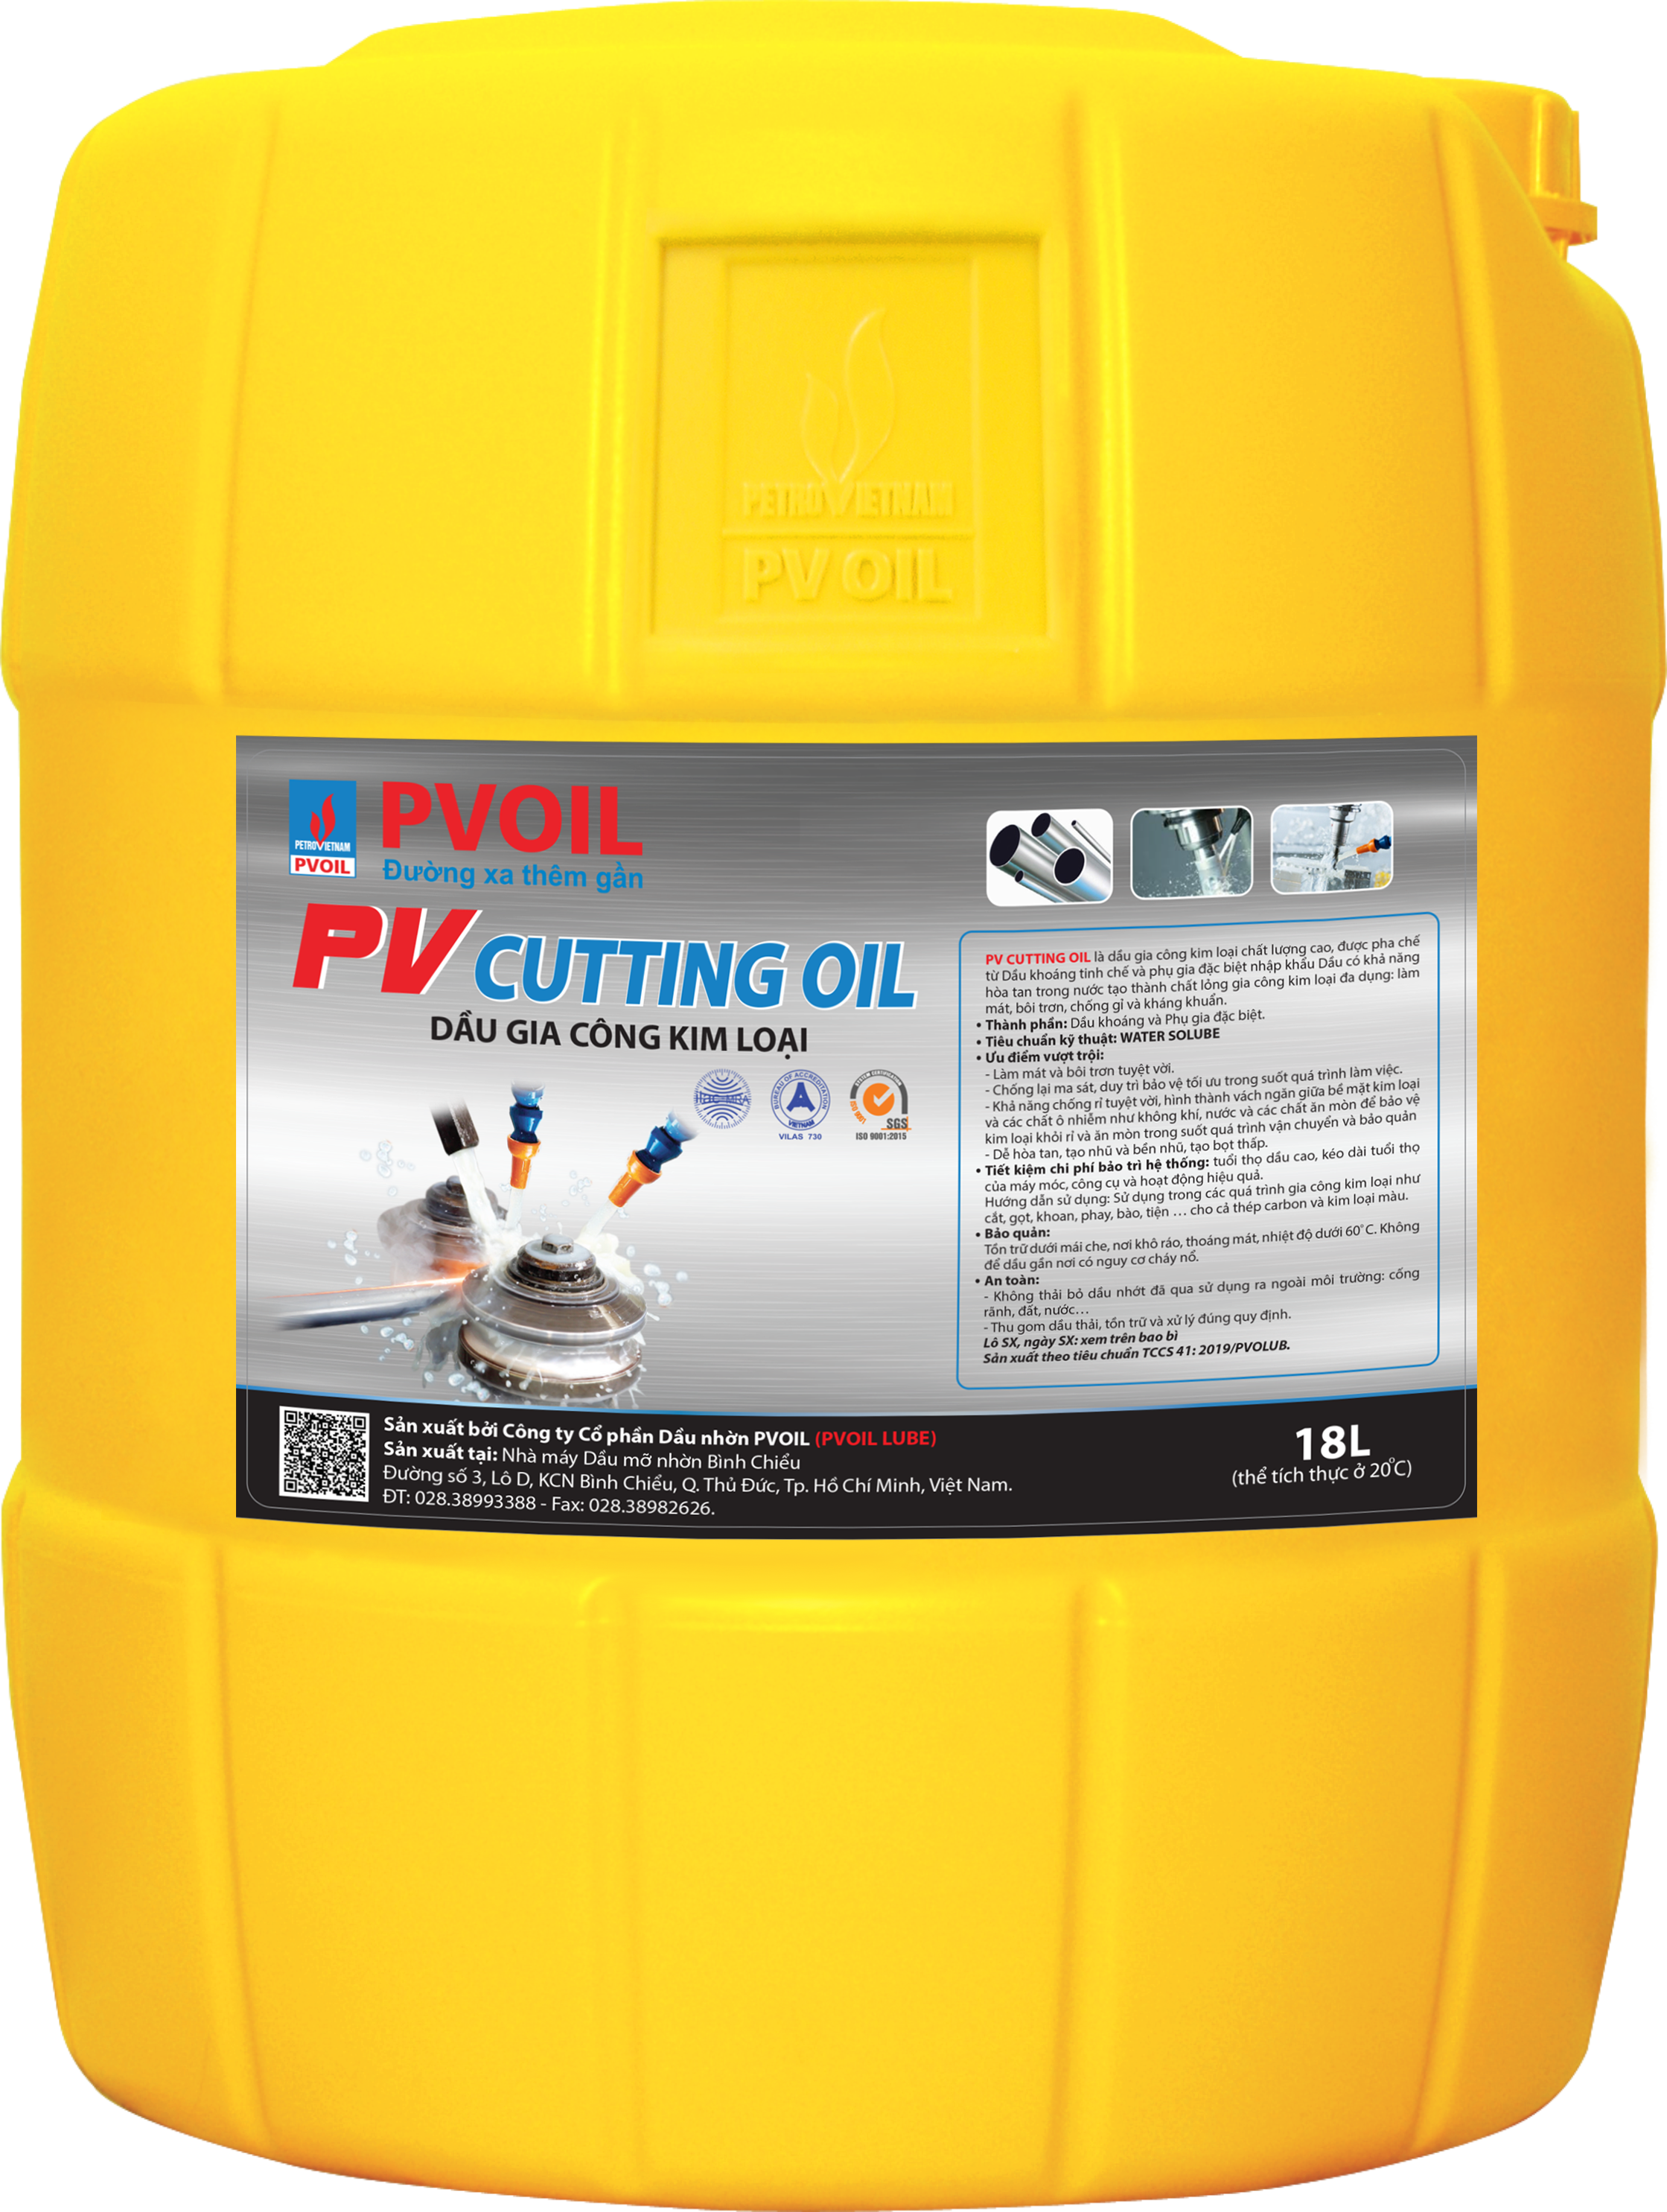 PV CUTTING OIL